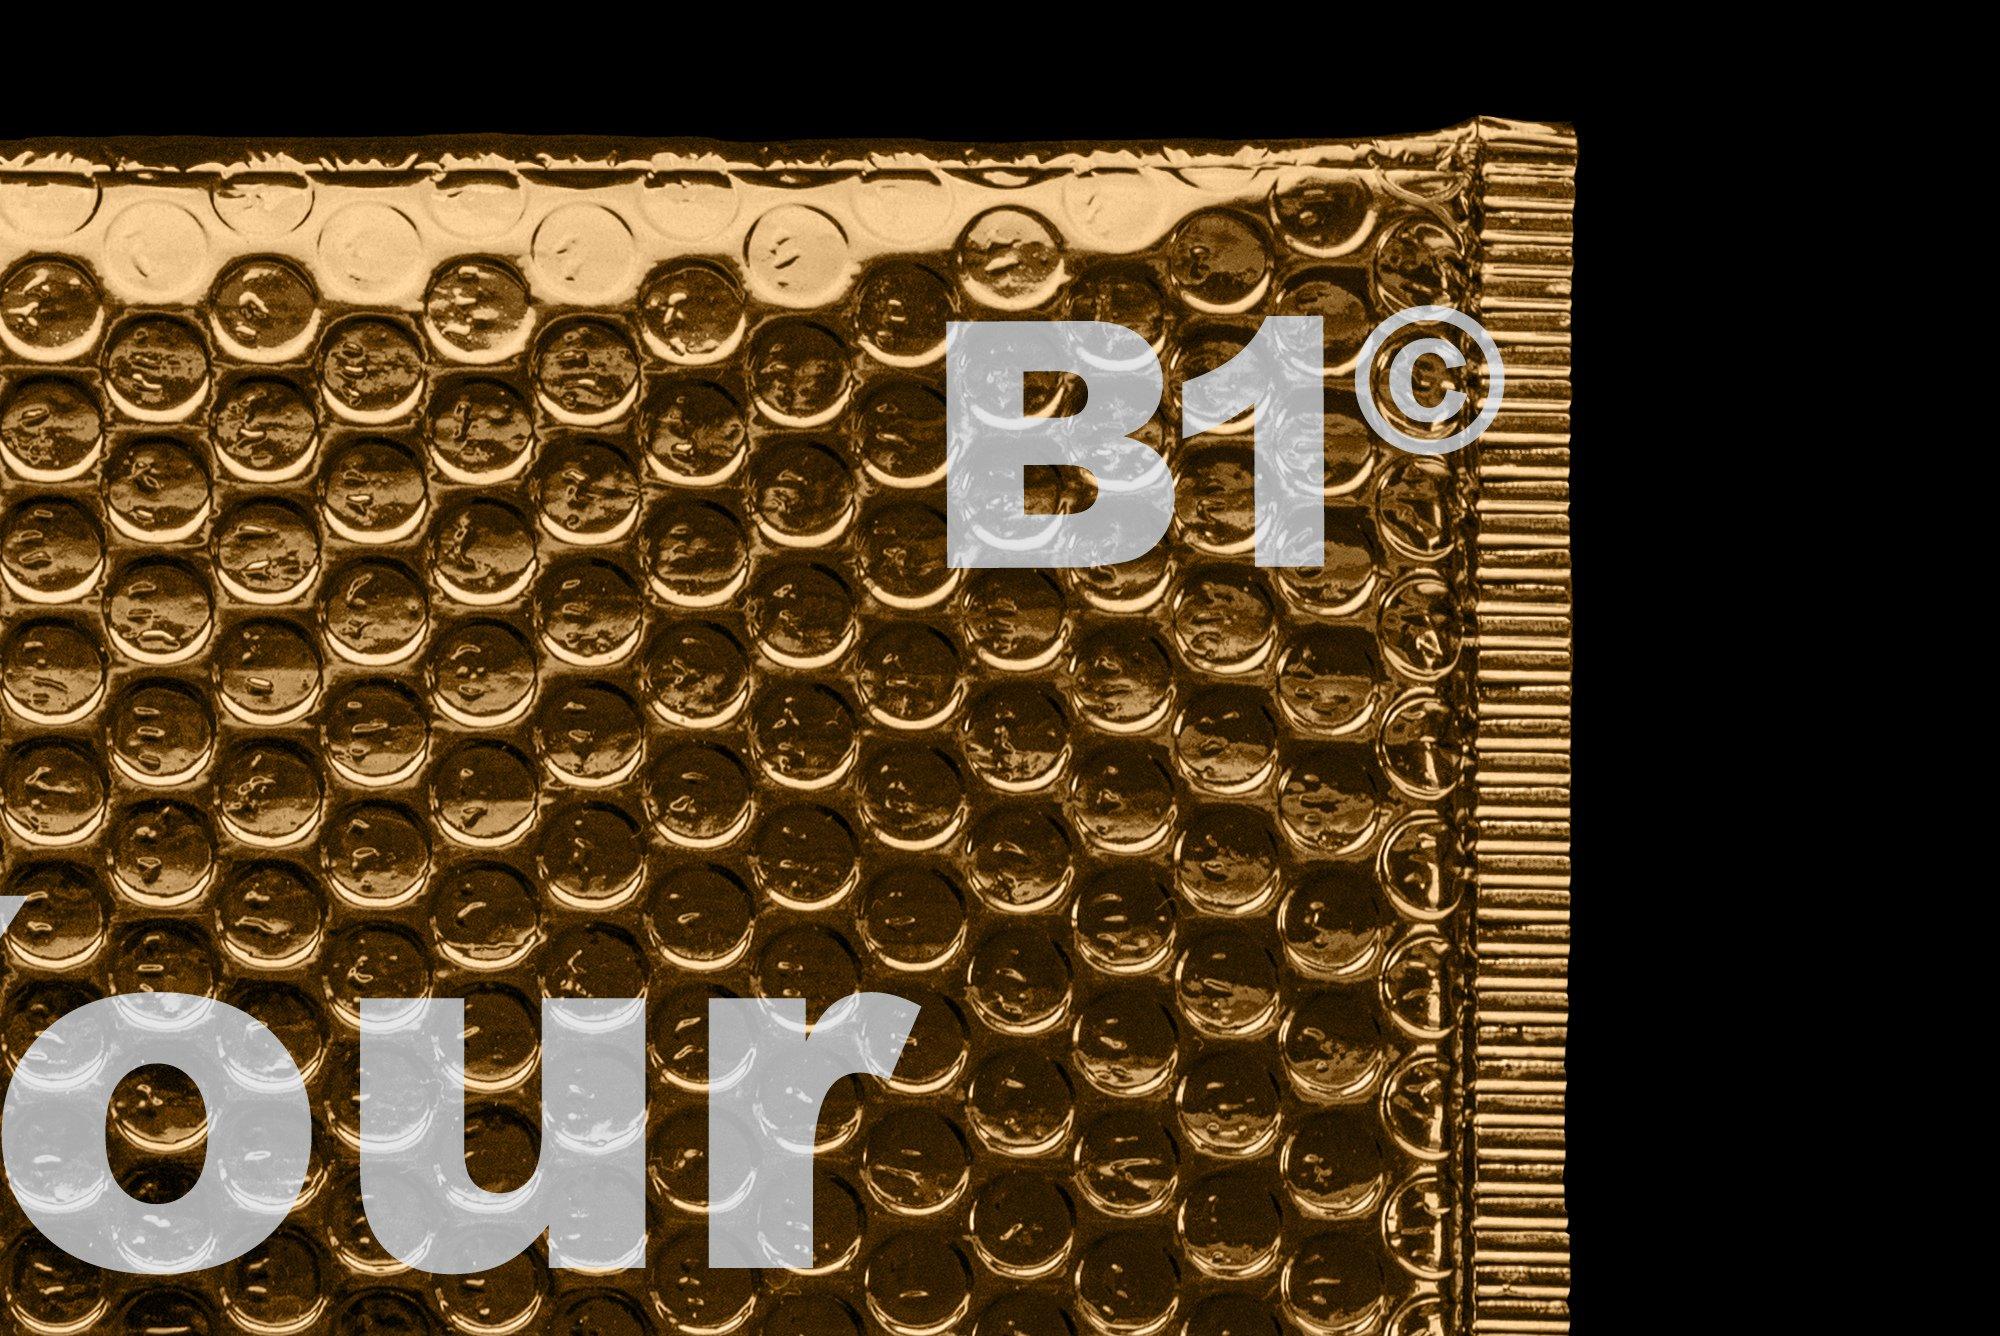 潮流金属铝箔气泡防震邮寄包装袋设计智能贴图样机模板 Gold Plastic Bag Mockup插图(6)